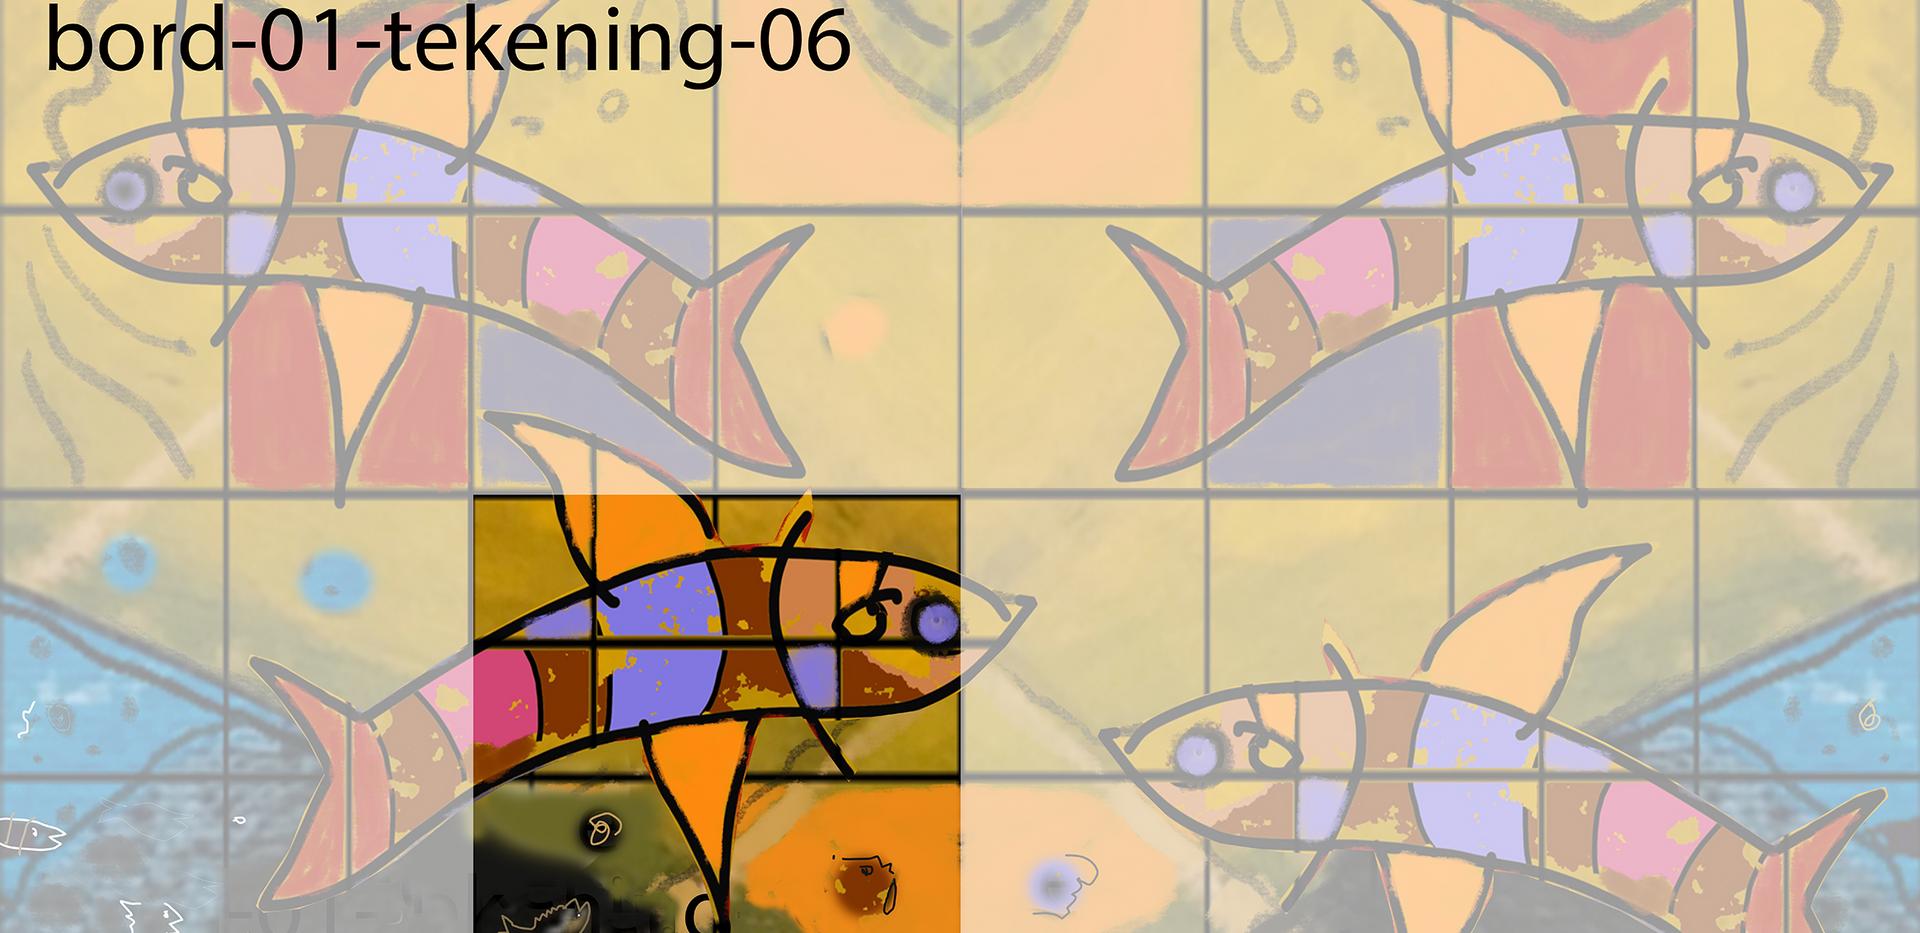 bord-01-tekening-06.png